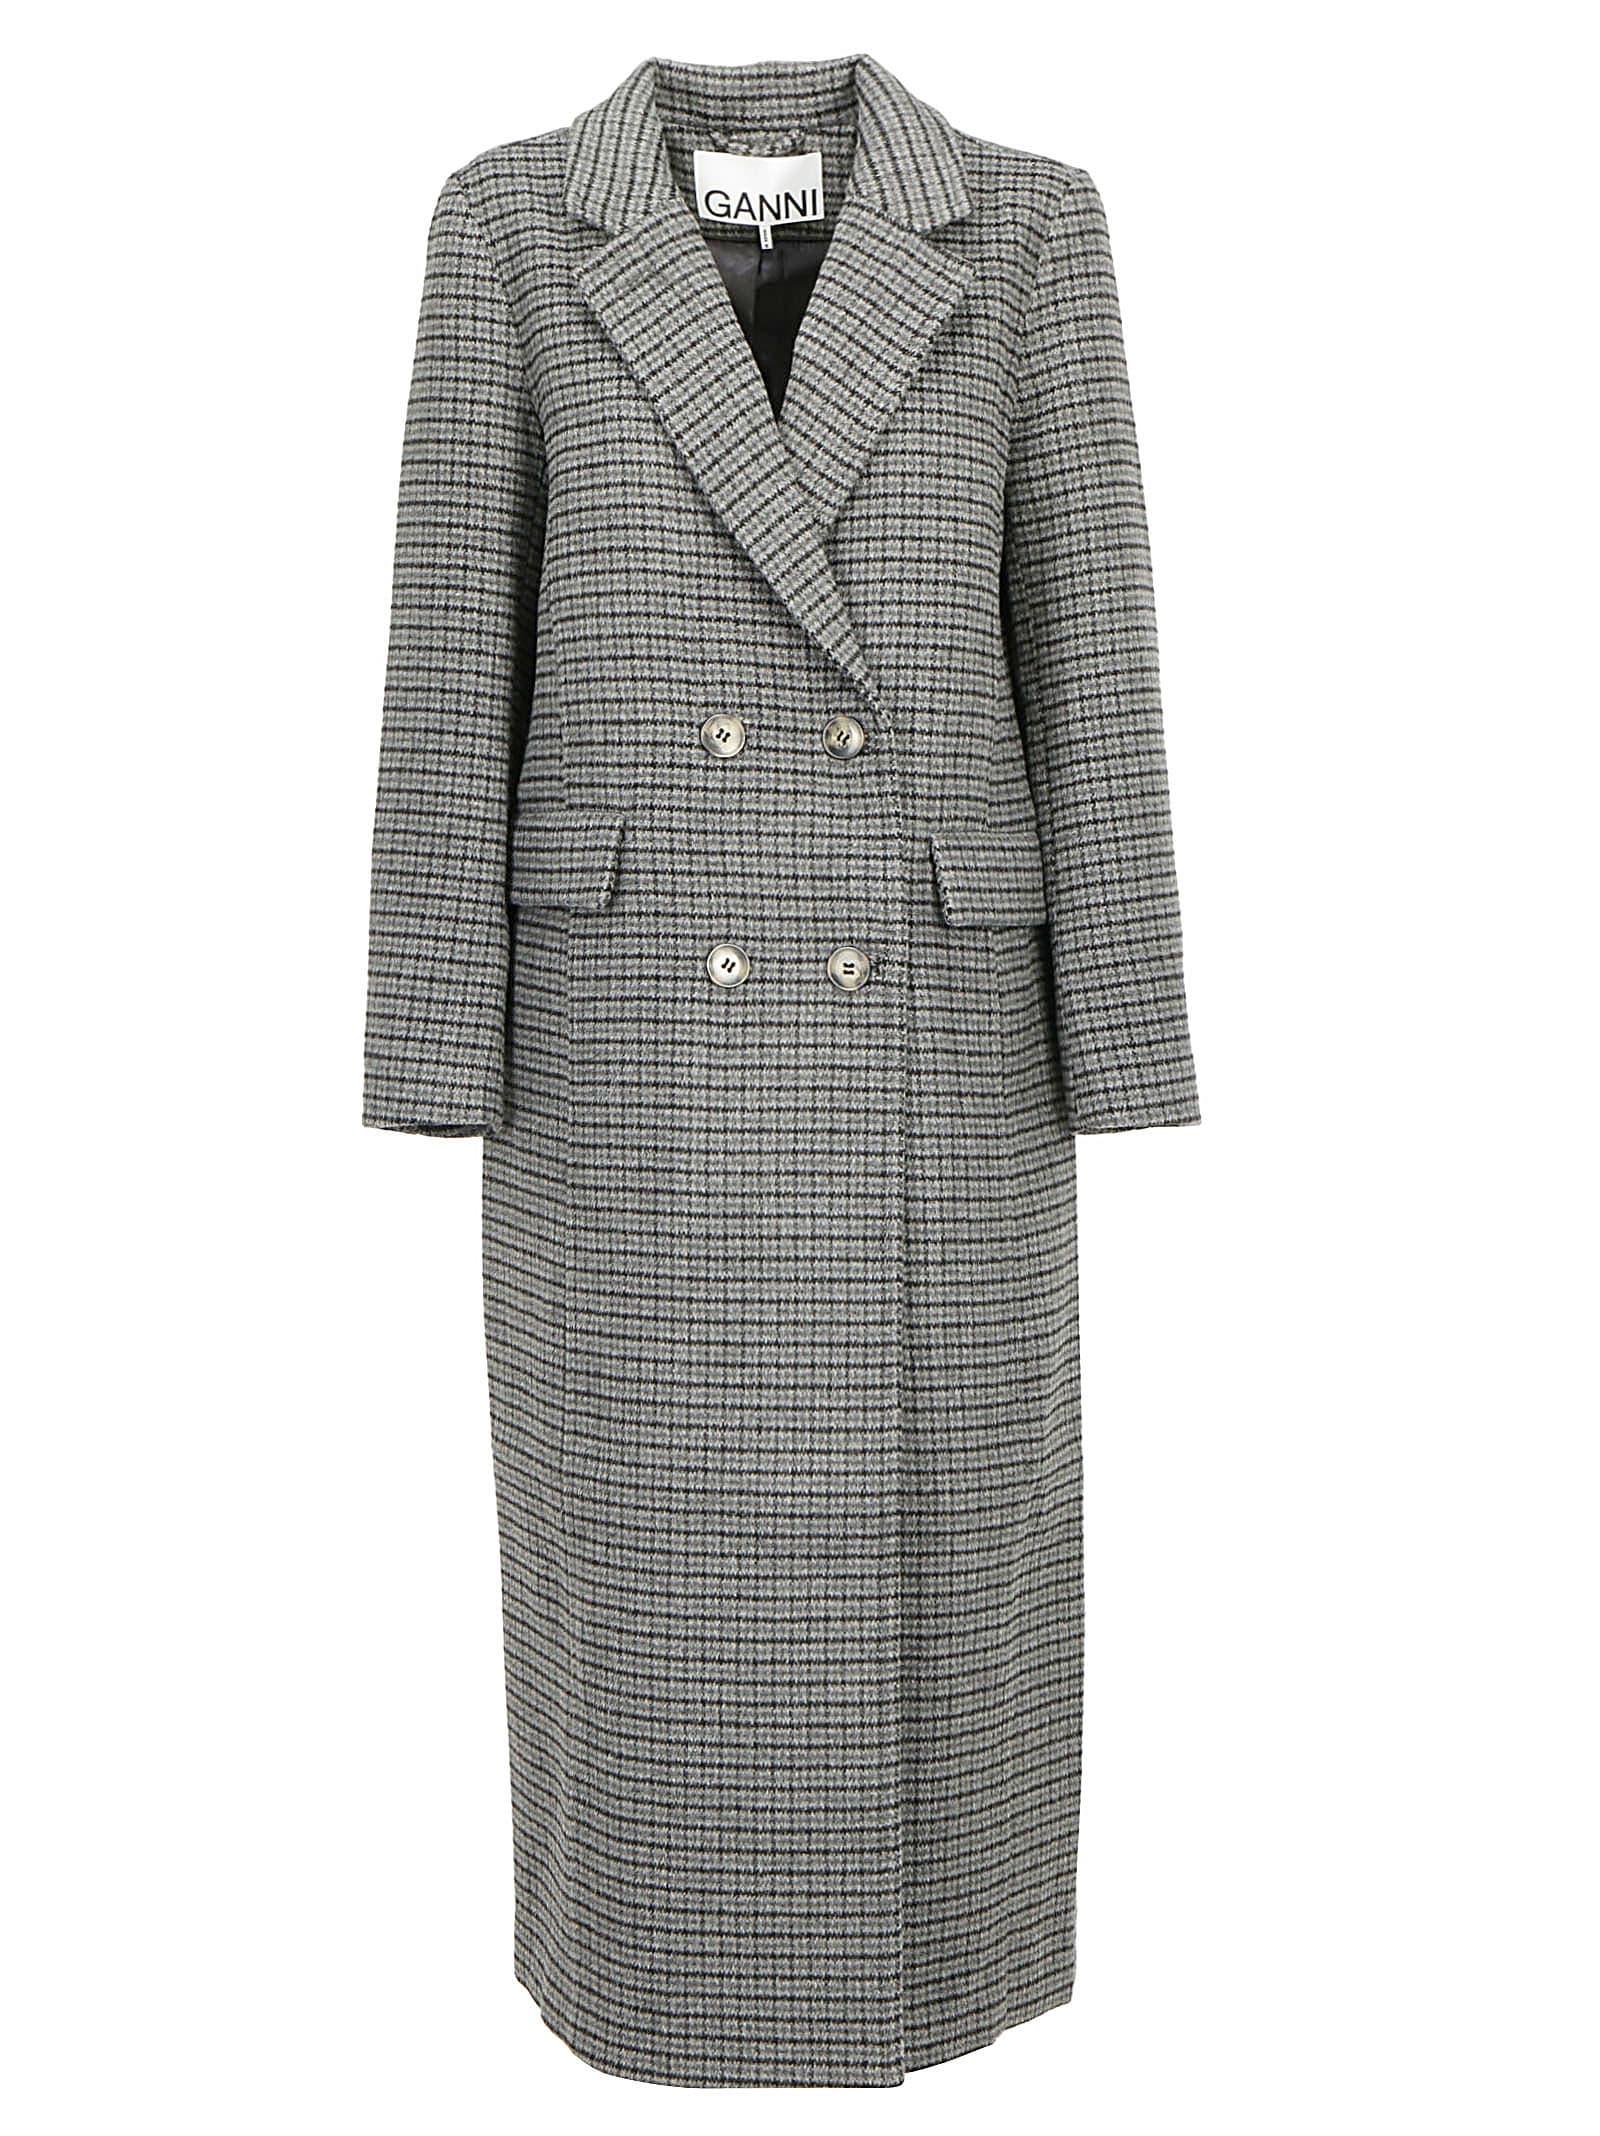 Ganni Long Coat